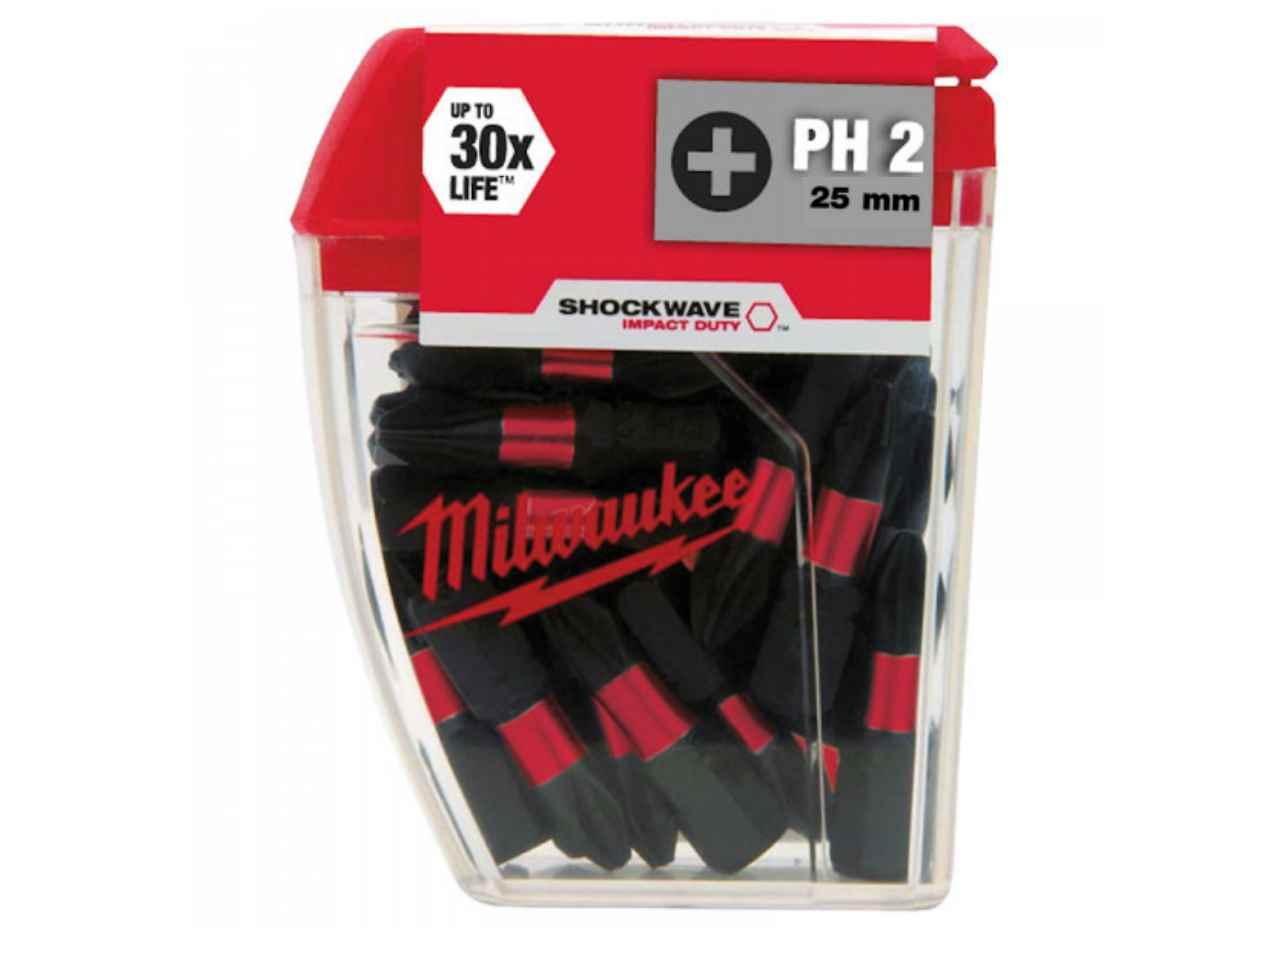 Milwaukee Sawzall Wiring Diagram 4932430853 Shockwave Ph2 25mm Screwdriver Bit 25pk 795 Save 1951